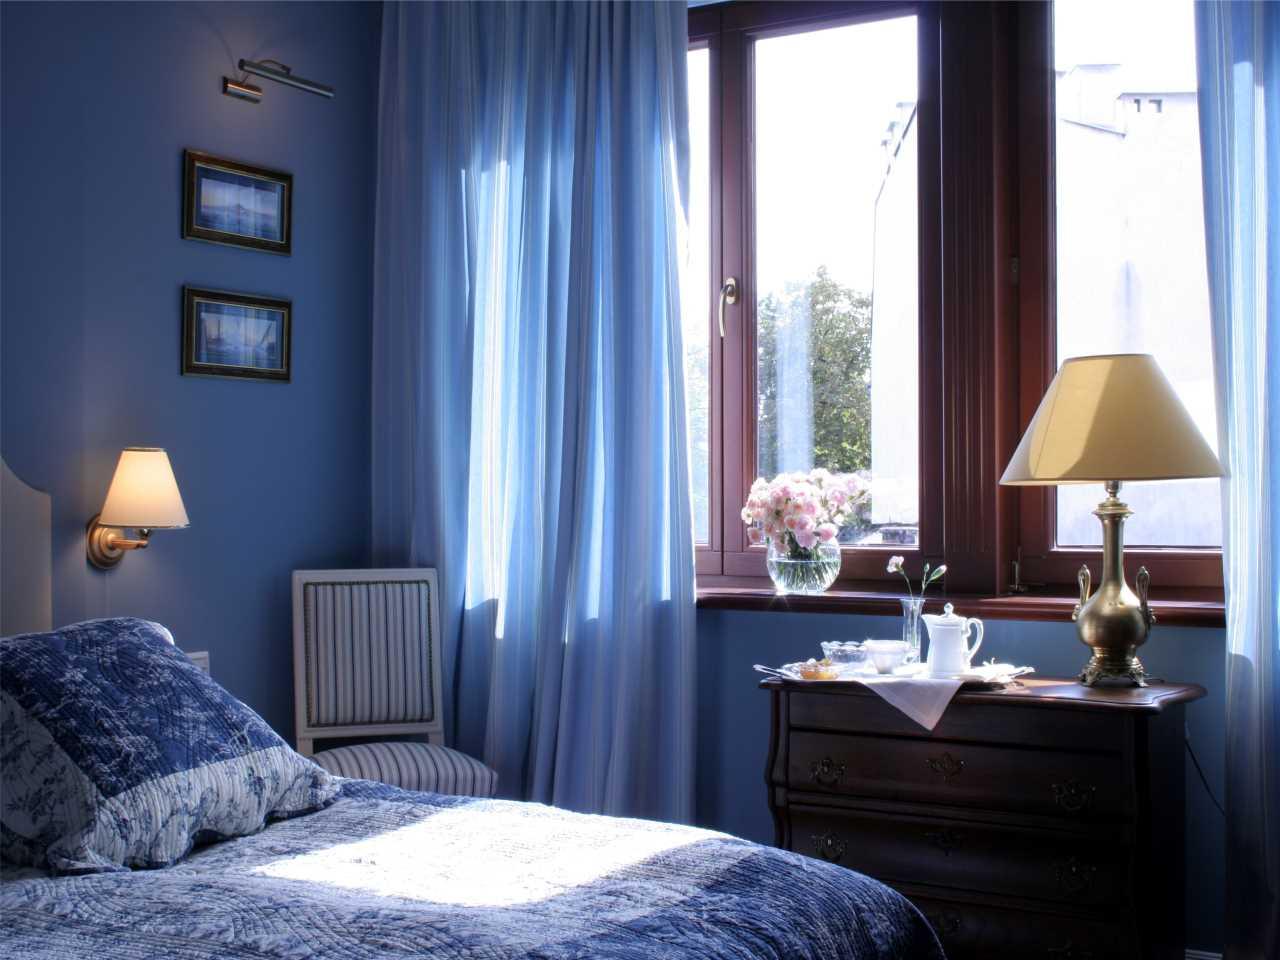 Hotel Gródek - Pokoje - Pokój dwuosobowy standard